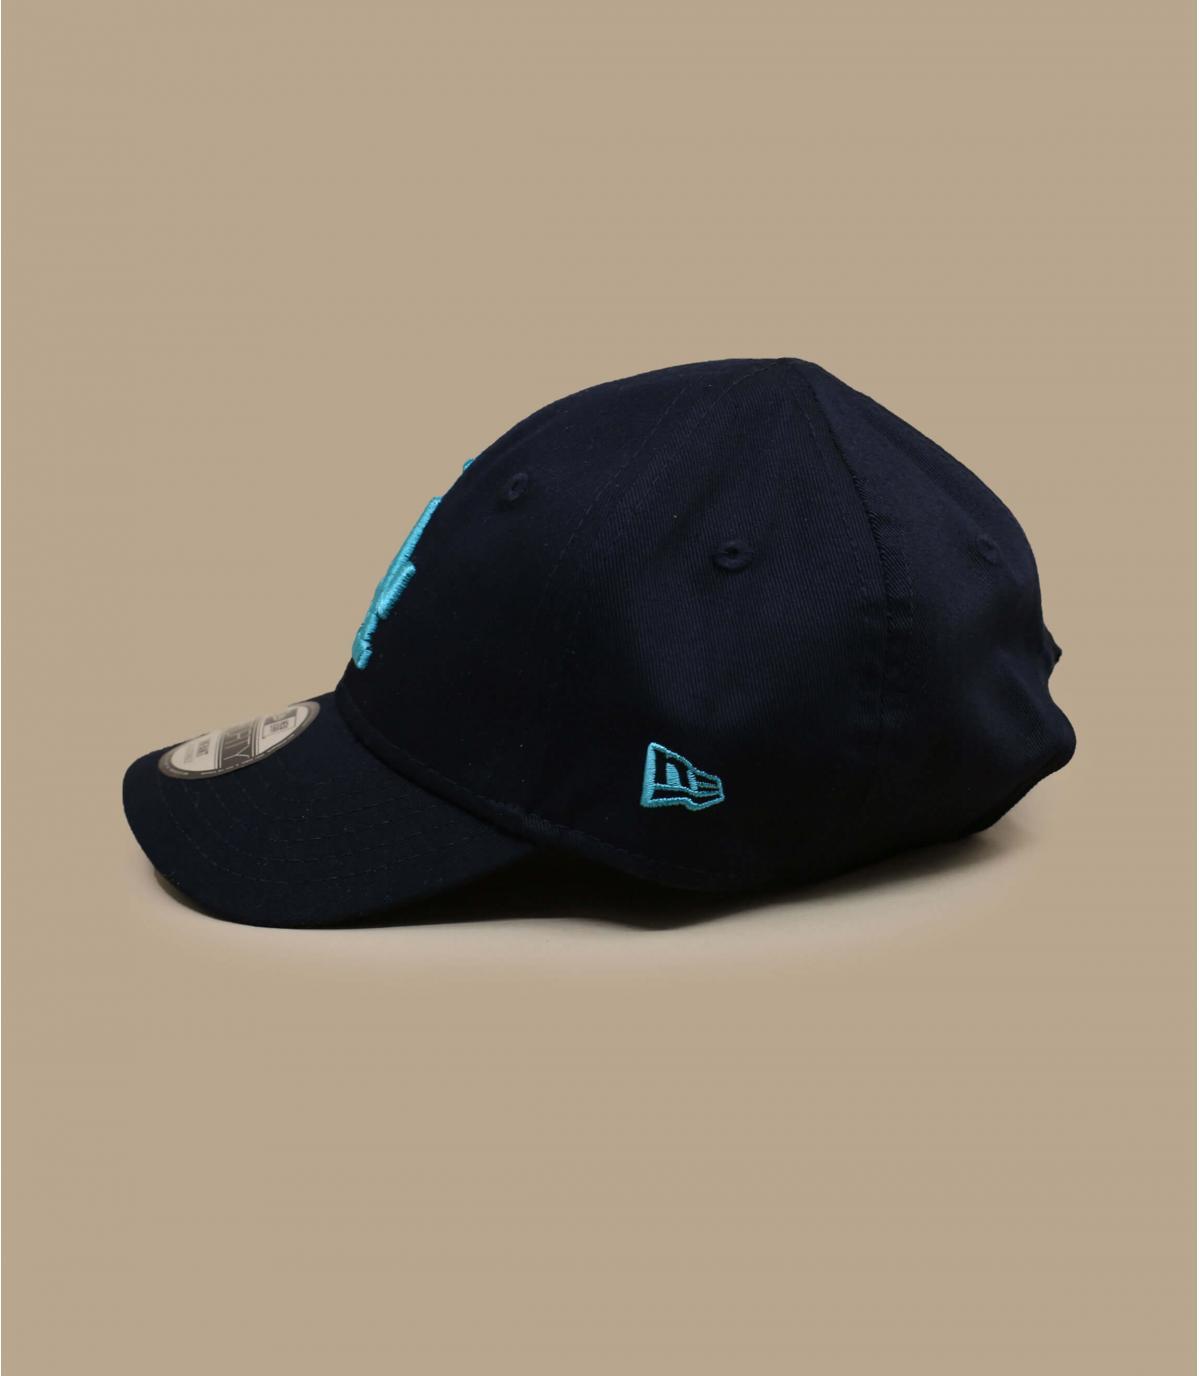 casquette LA bébé bleu